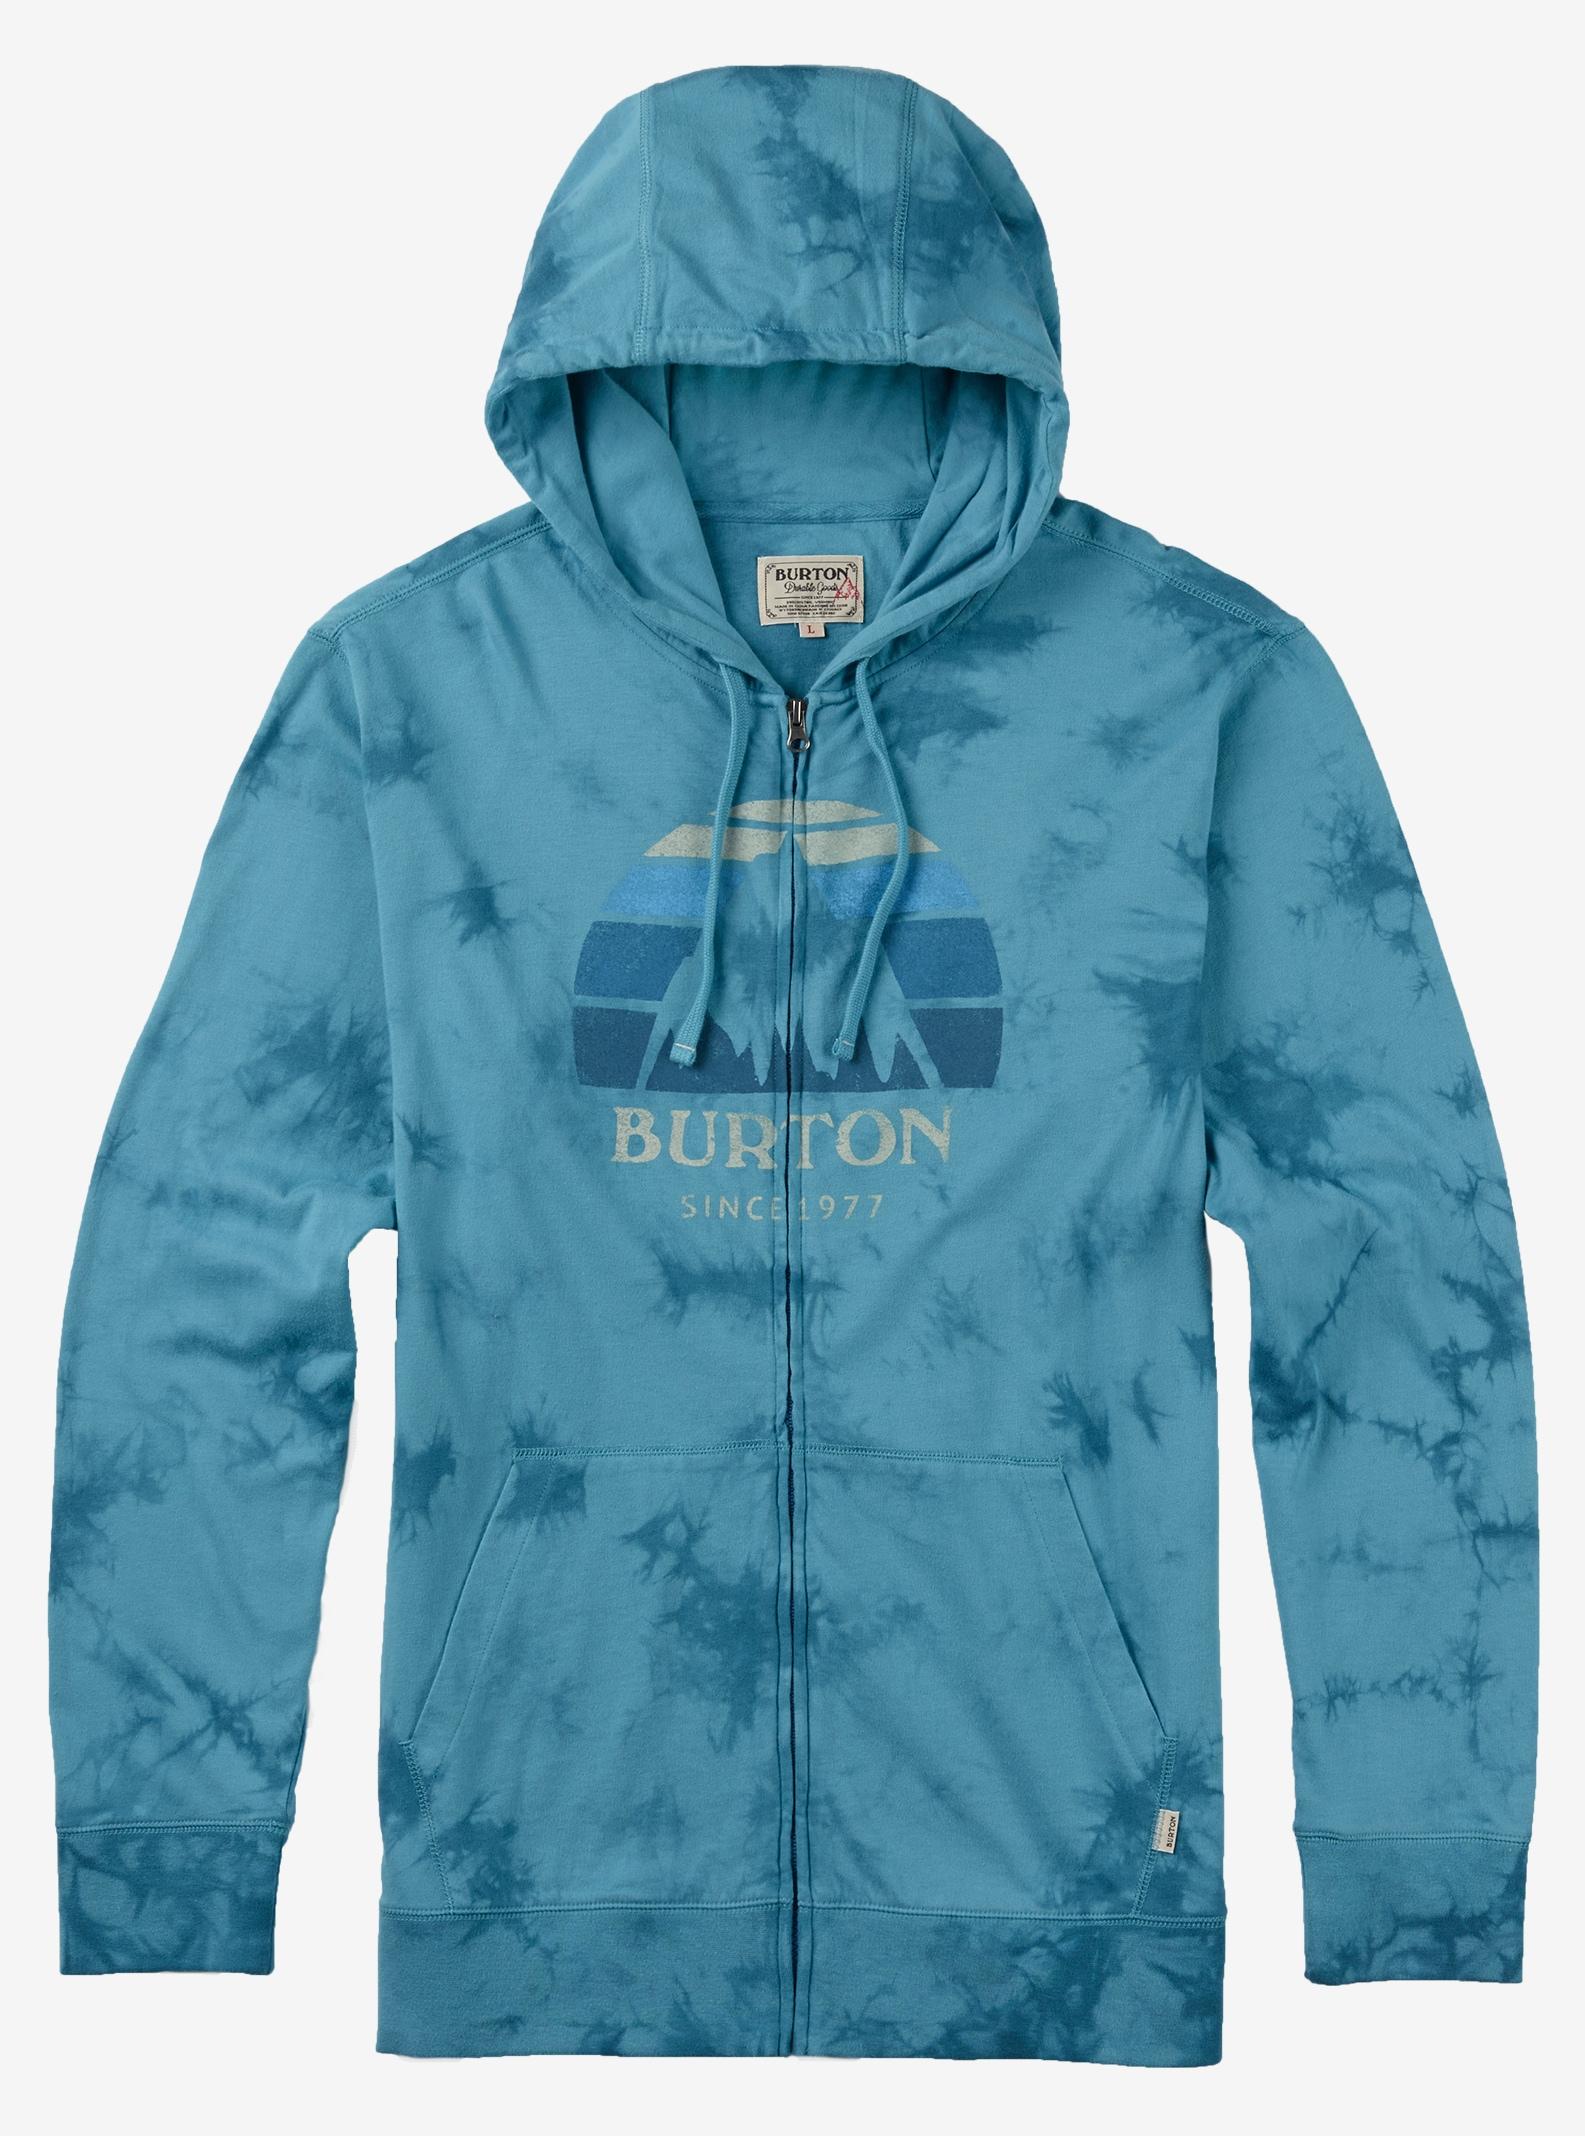 Burton Underhill Logo Full-Zip Hoodie shown in Indigo Tie Dye